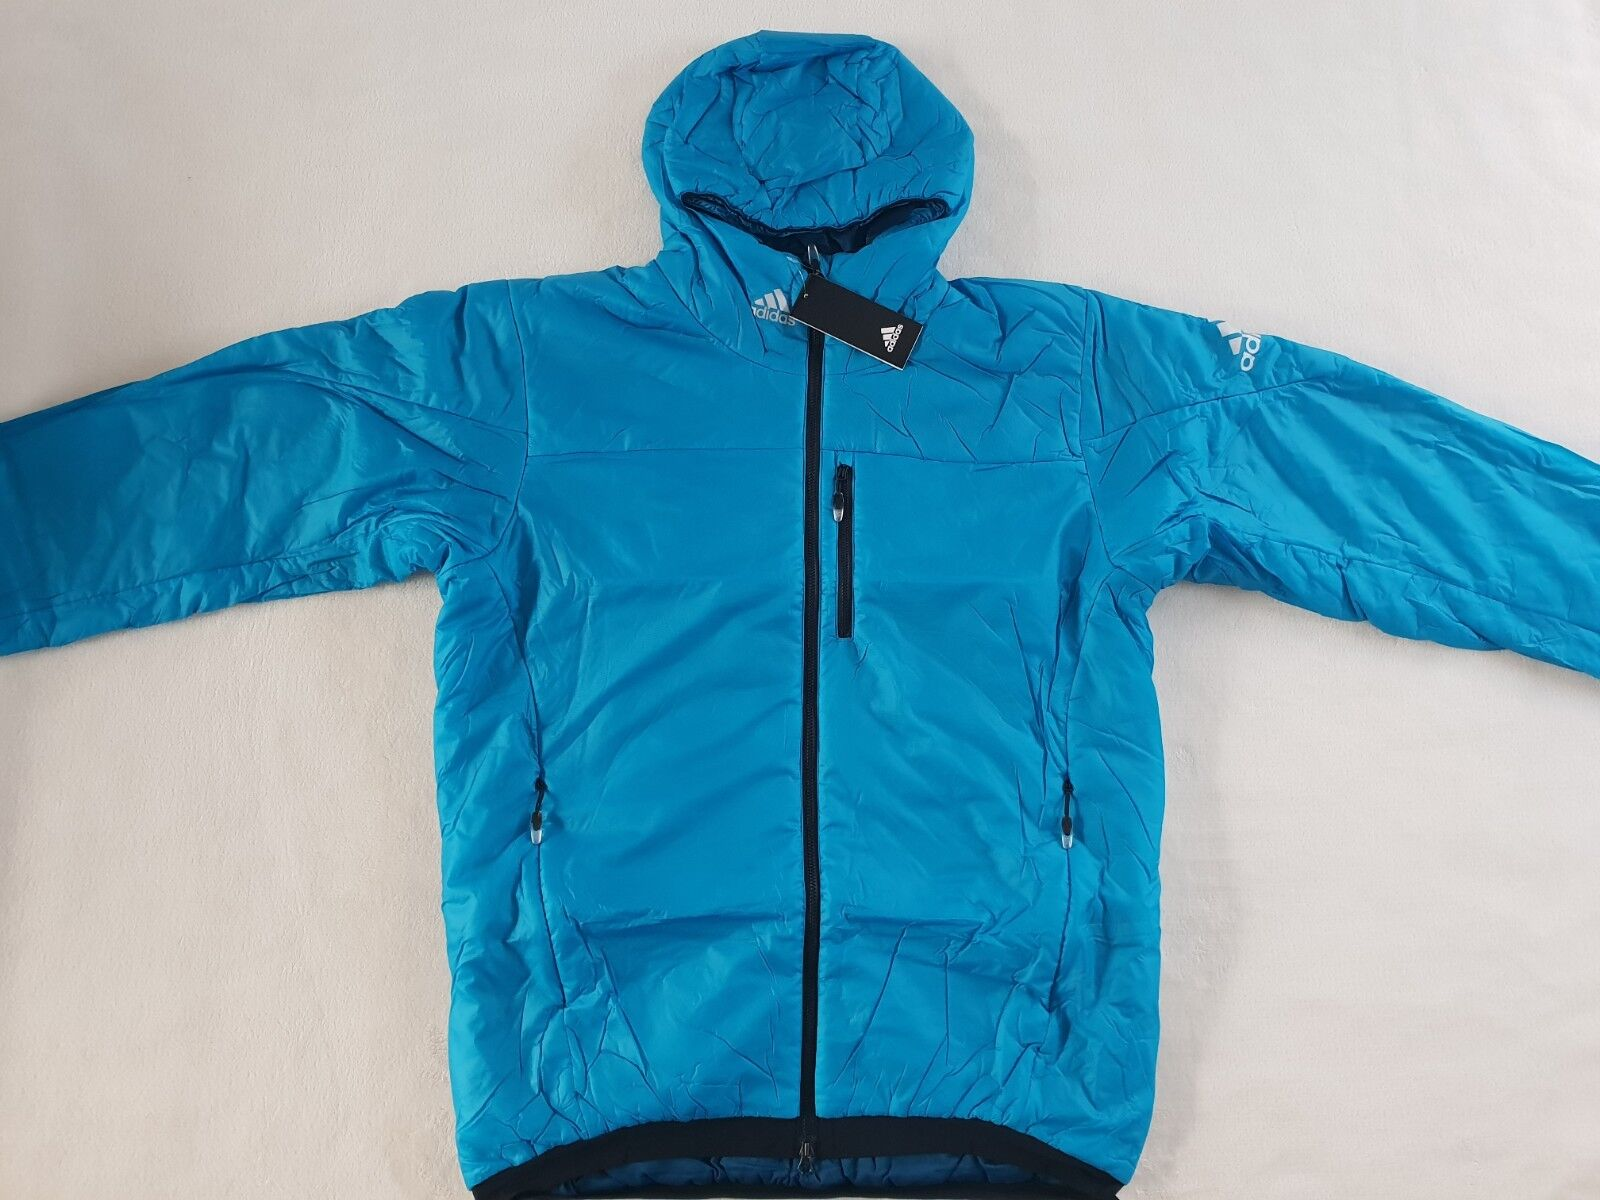 Adidas Primaloft Athleten Winter Jacke Größe 52 54 56 -NEU- Skijacke